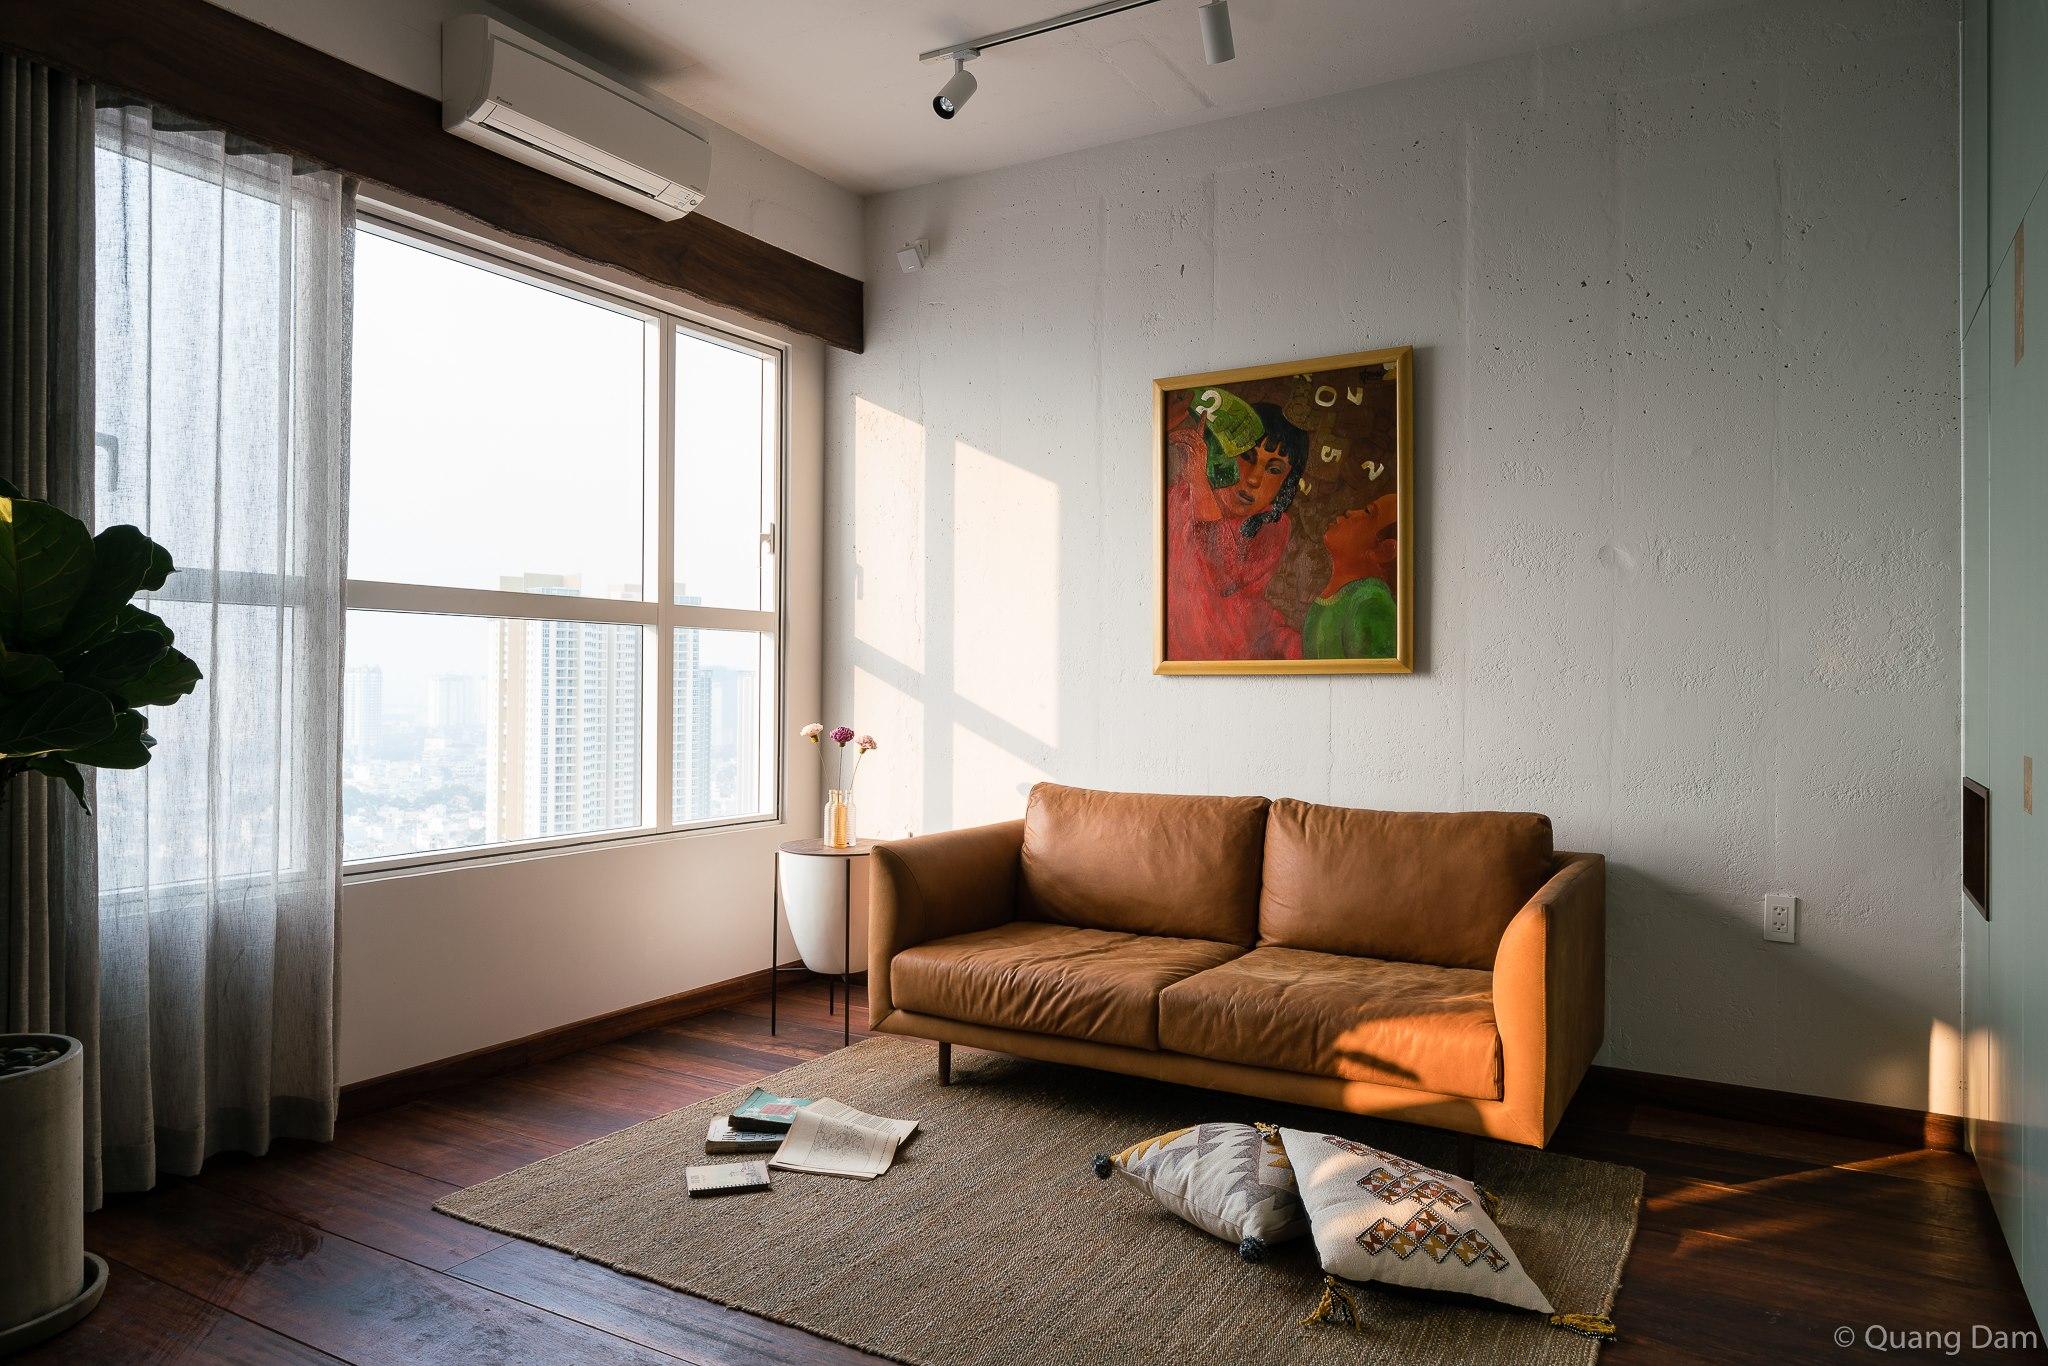 Nội thất căn hộ 1 phòng ngủ với điểm nhấn gỗ và cây xanh - Nhà Đẹp Số (7)